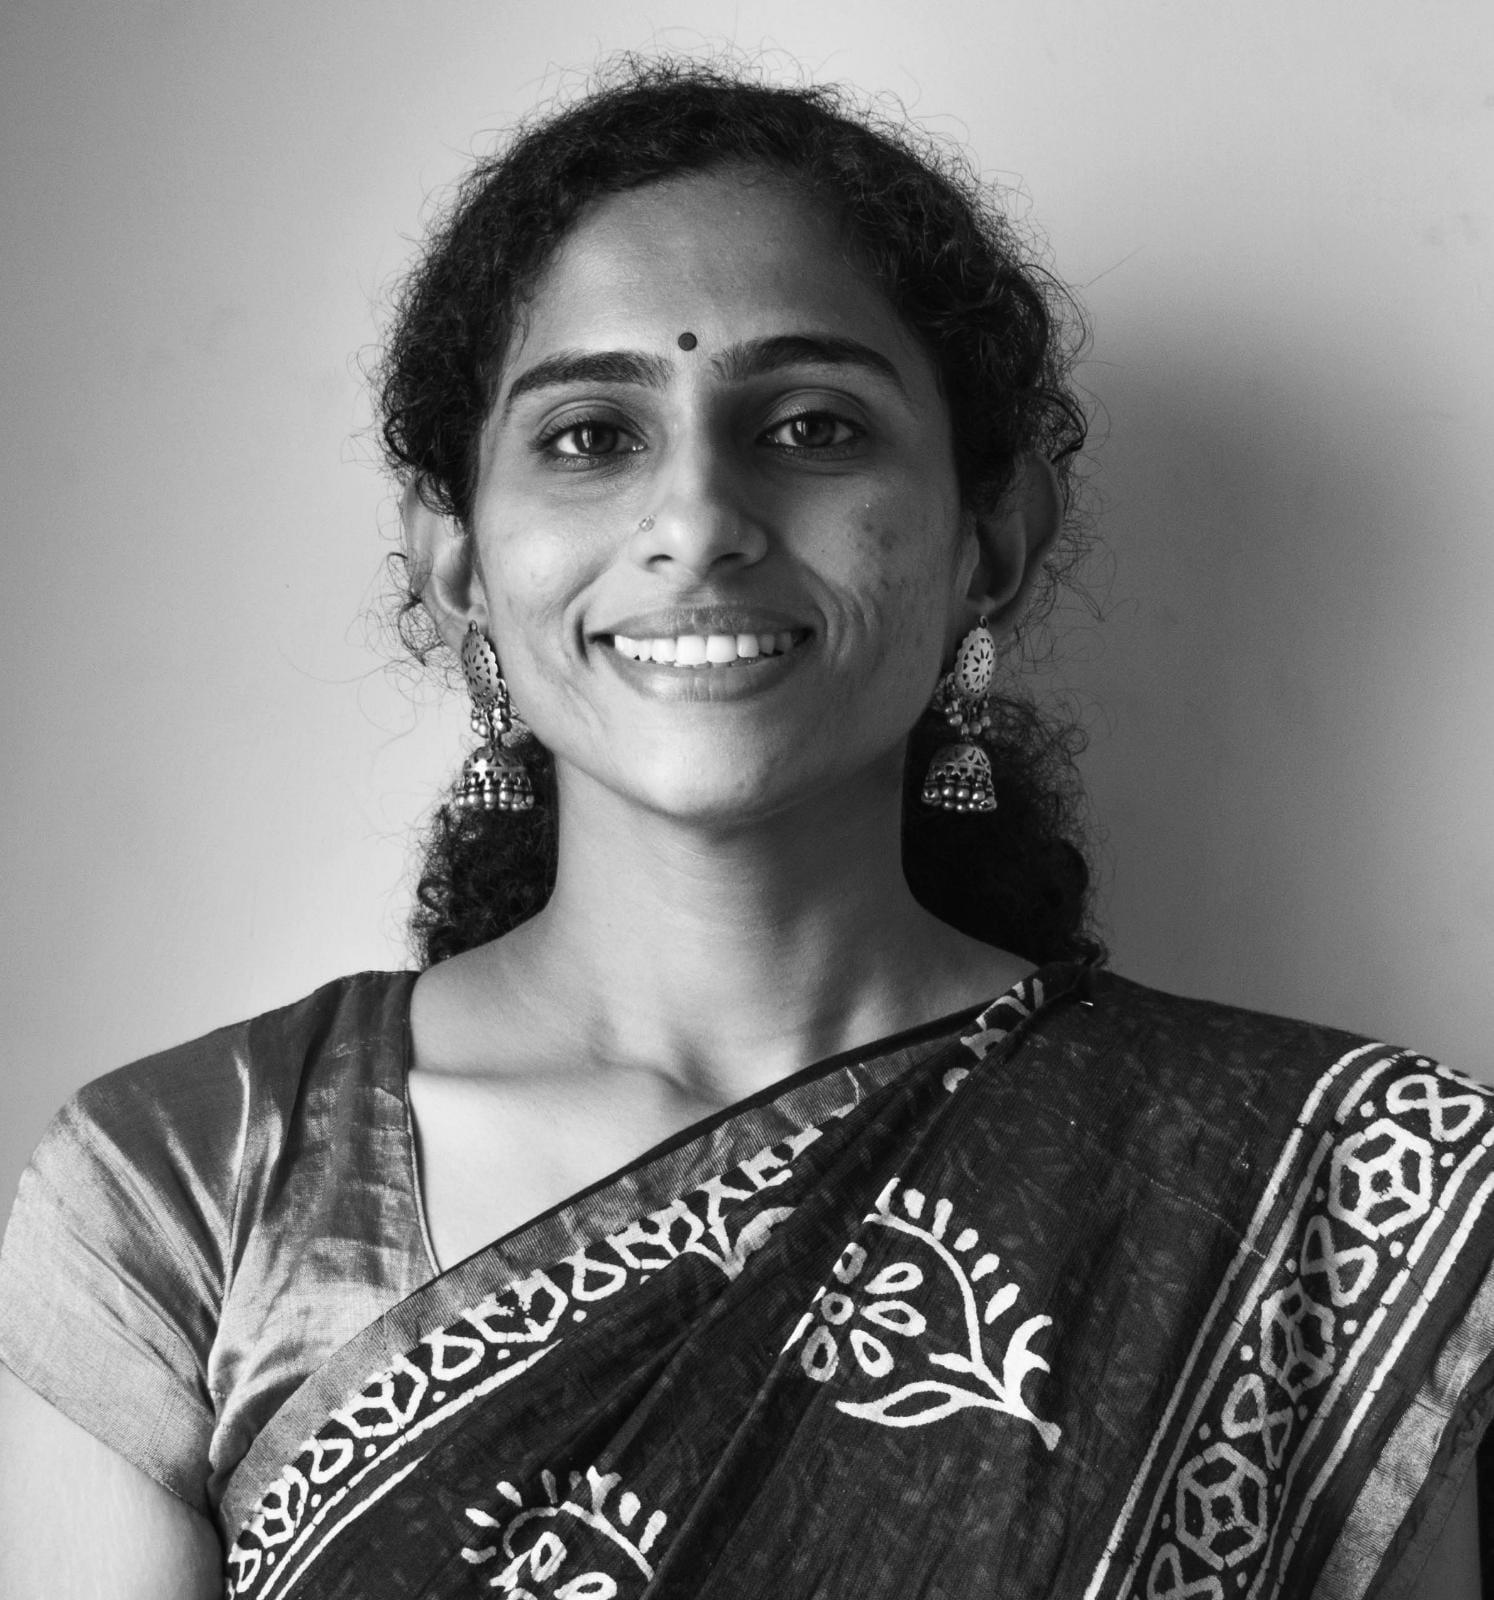 Vaishnavi Srinivasan